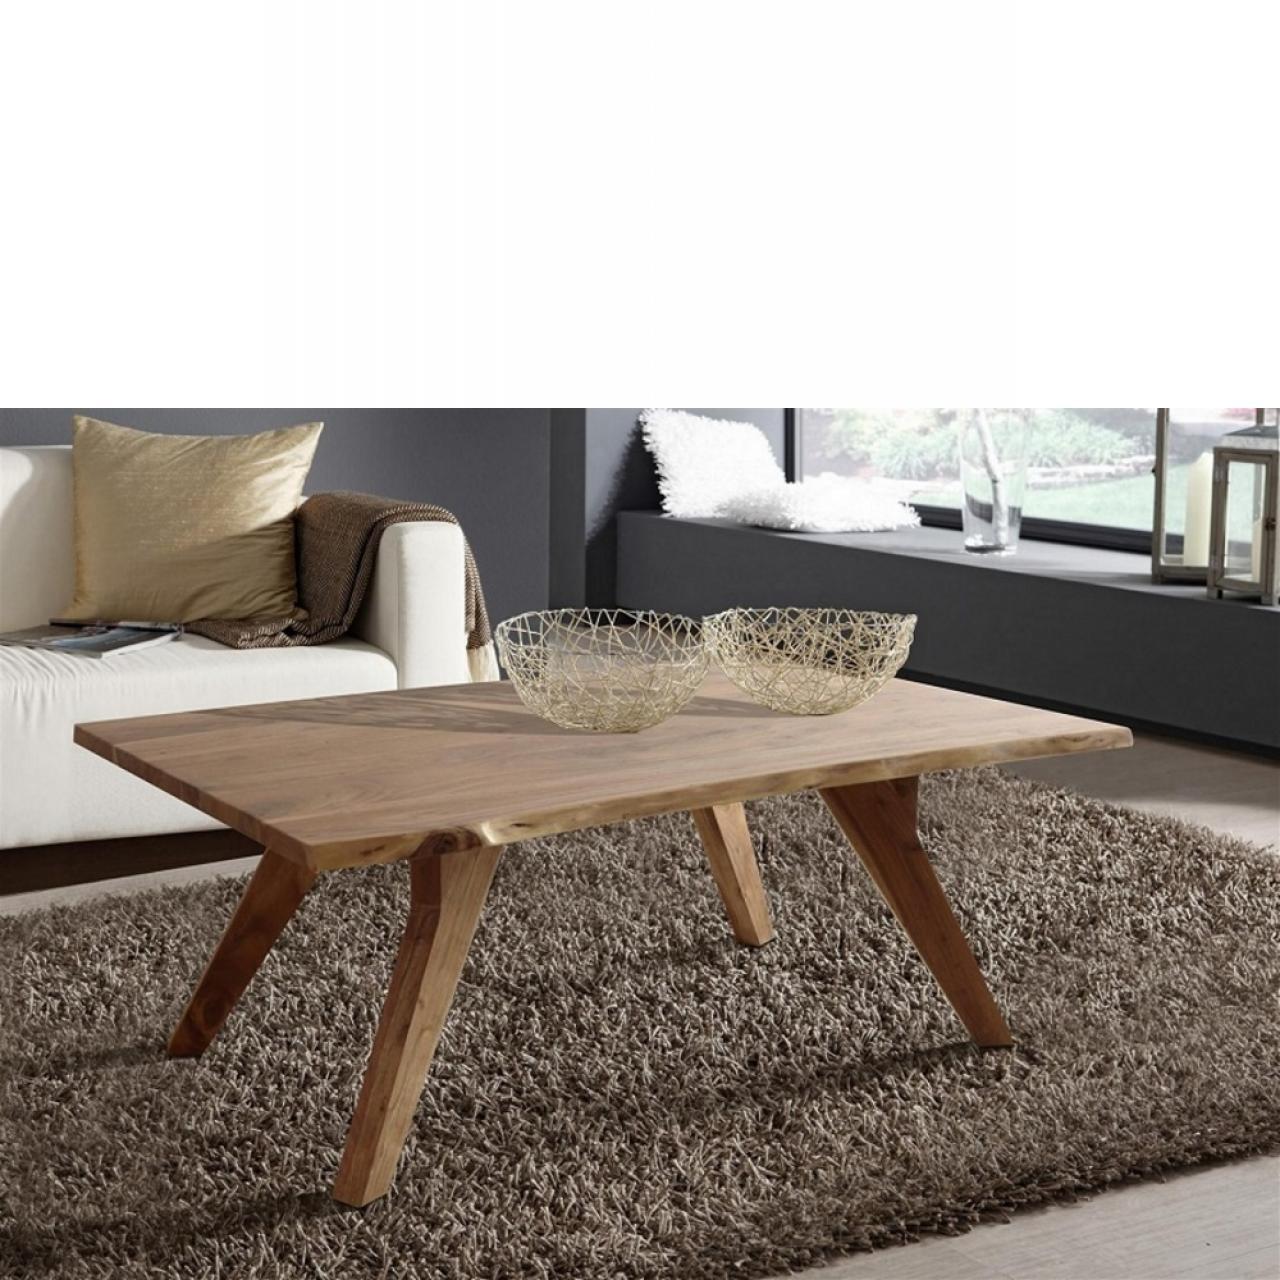 Couchtisch Live Edge Wolf Möbel Stubentisch Holztisch 120x80 cm Wohnzimmertisch